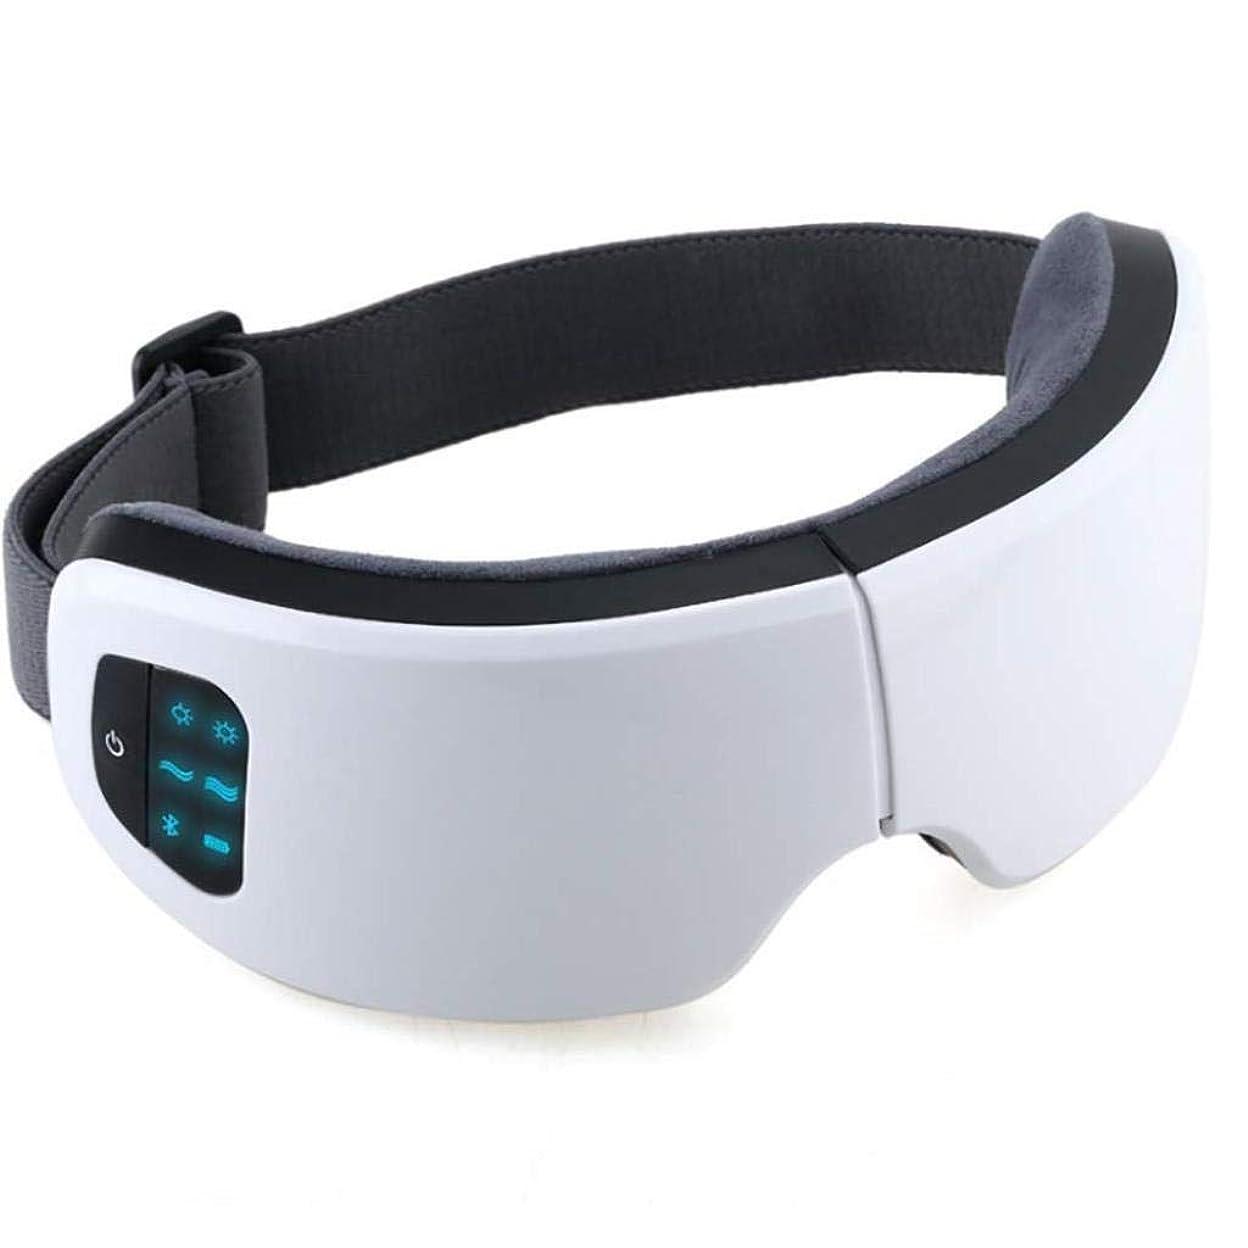 ビート鳴り響く買い手アイマッサージャー、音楽マッサージャー付き電動ポータブル指圧、加熱振動アイヘルスマッサージ、アイバッグダークサークルの改善、頭痛の緩和、スマートディスプレイ、充電式